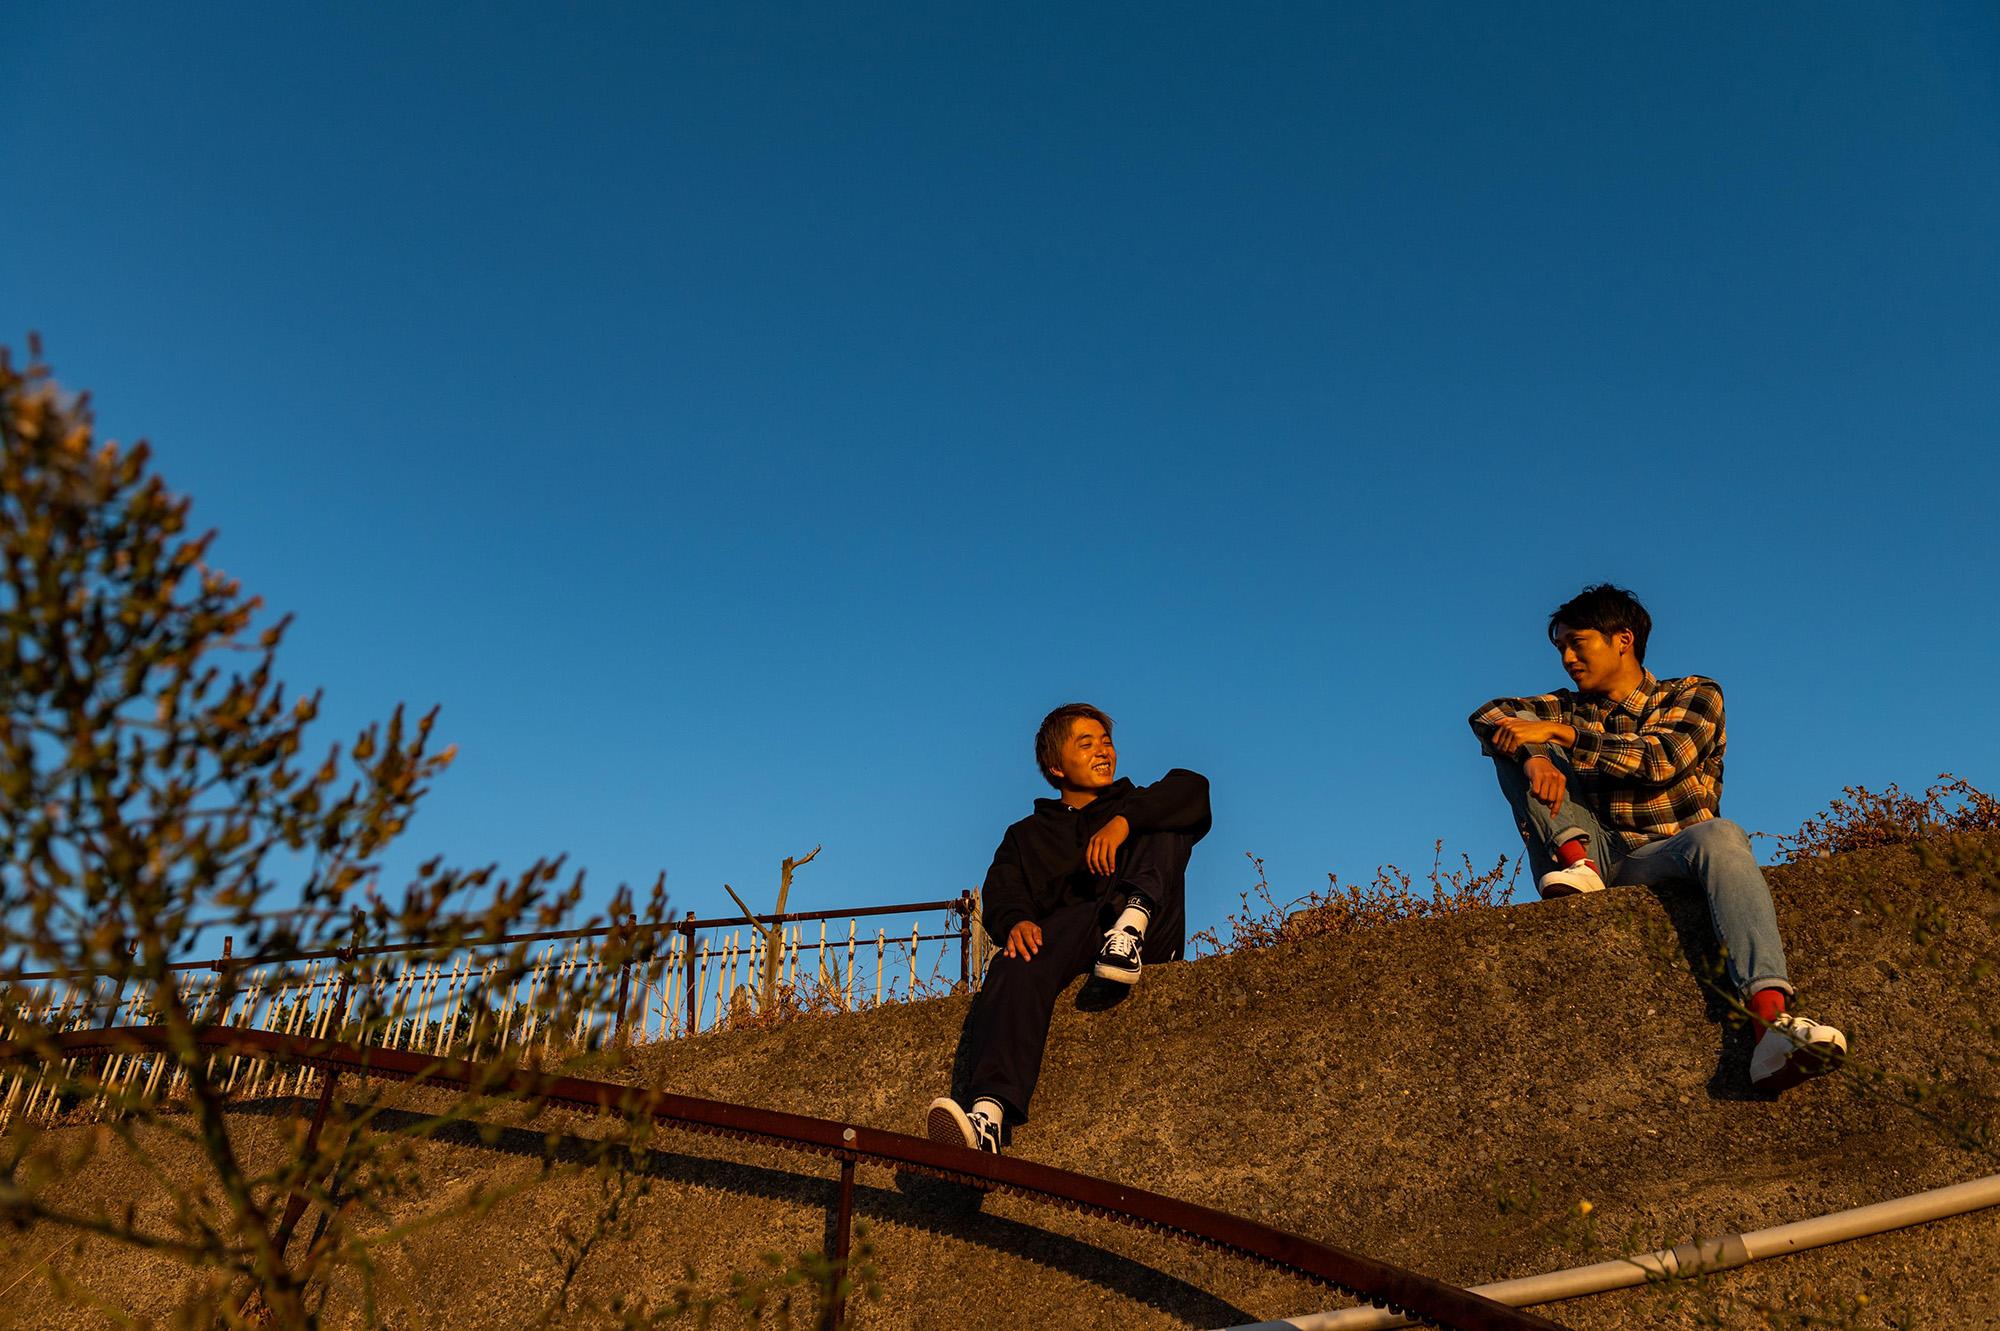 【松山・東温・砥部  1泊2日周遊コース】 海も山もアクティブに遊び尽くす!やってみたいを全て叶える贅沢プラン